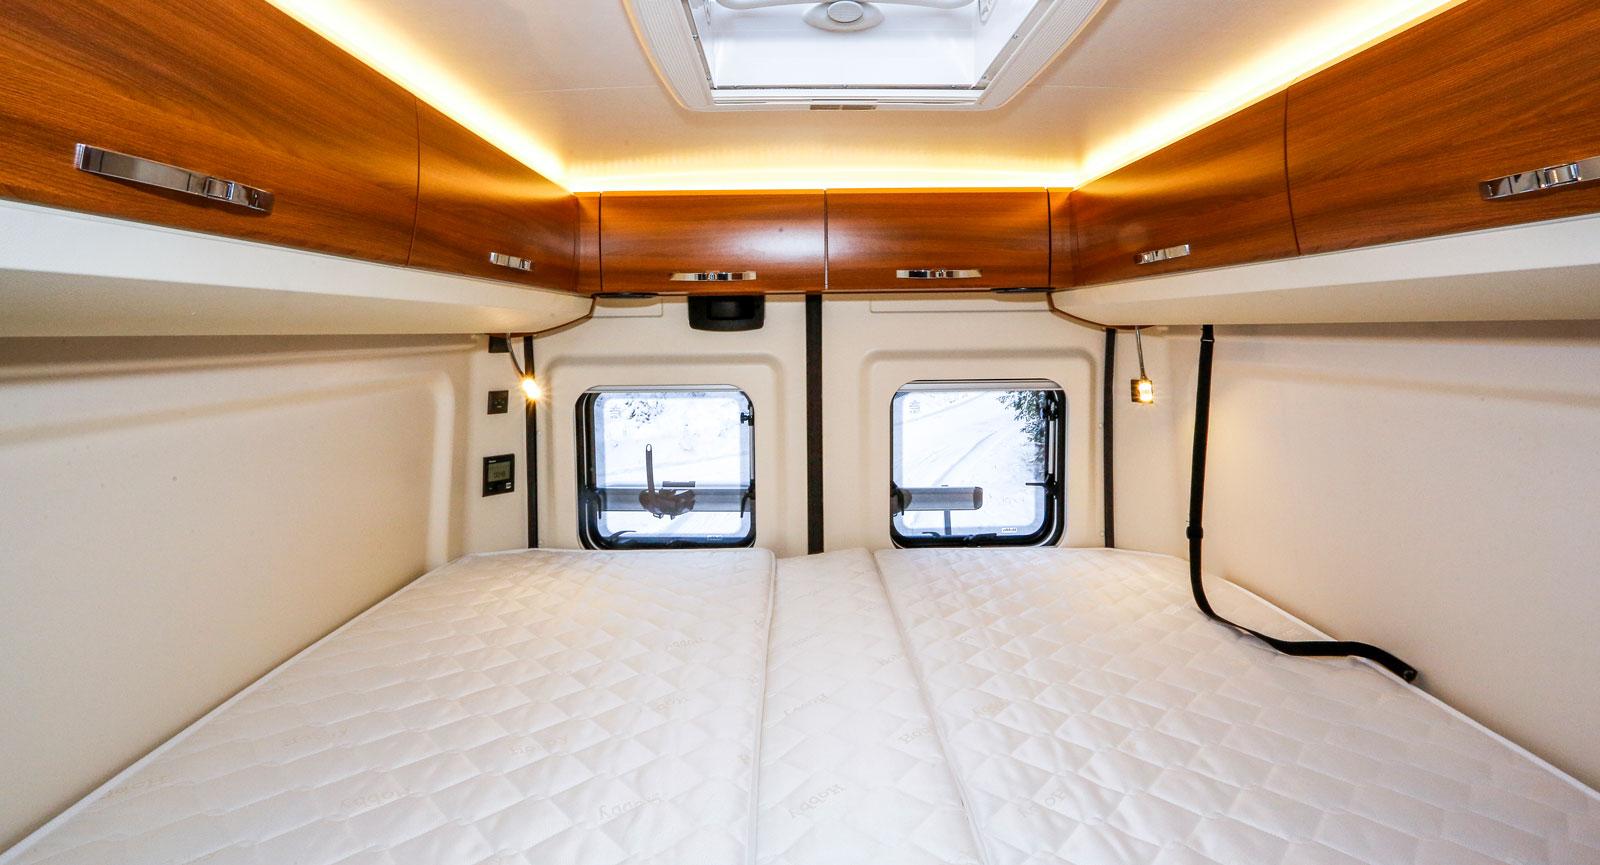 Sängarna är sköna och inredningen trivsam. Längst bak till vänster ses värmepannans manöverpanel.